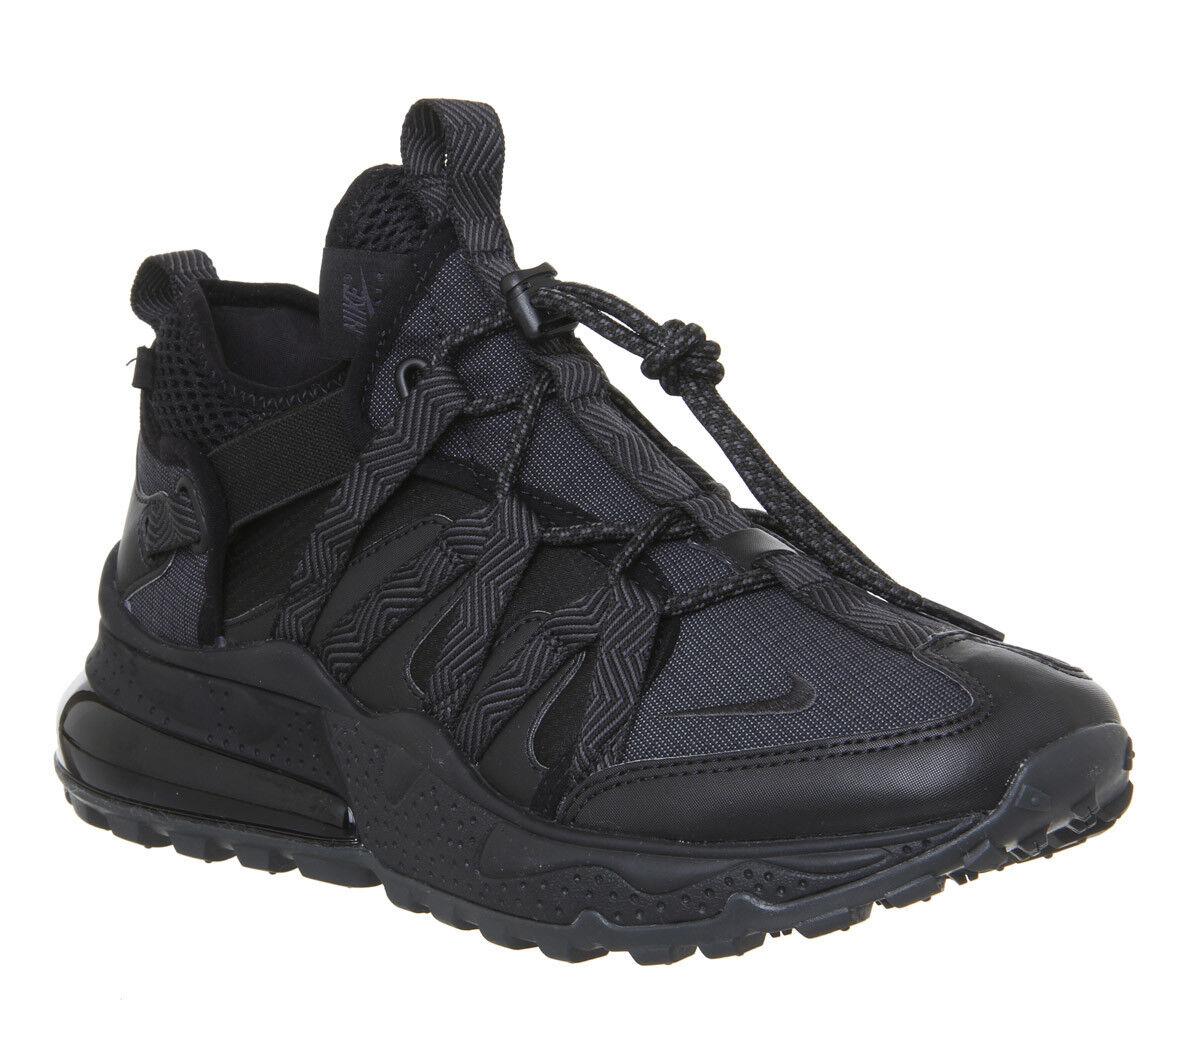 Nike air max 270 amia nero antracite formatori. | Più Più Più economico del prezzo  | Maschio/Ragazze Scarpa  d91841